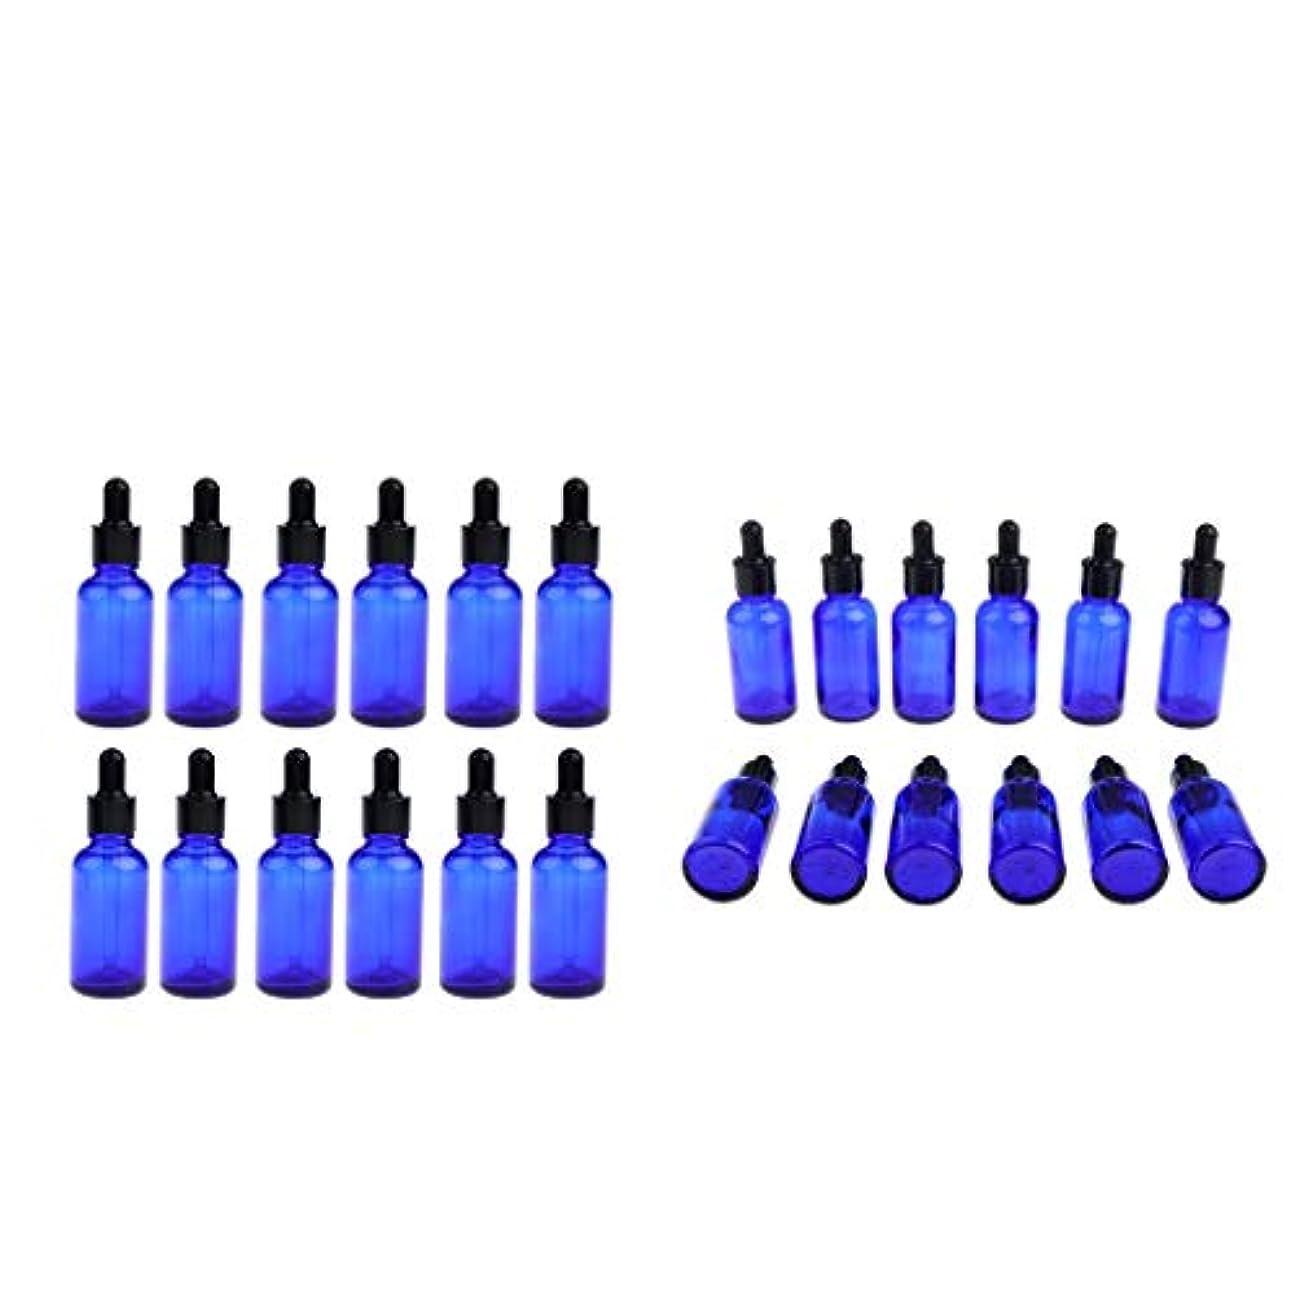 入口調和出来事ドロッパーボトル エッセンシャルオイル アロマセラピー 30ml スポイトボトル ガラス瓶